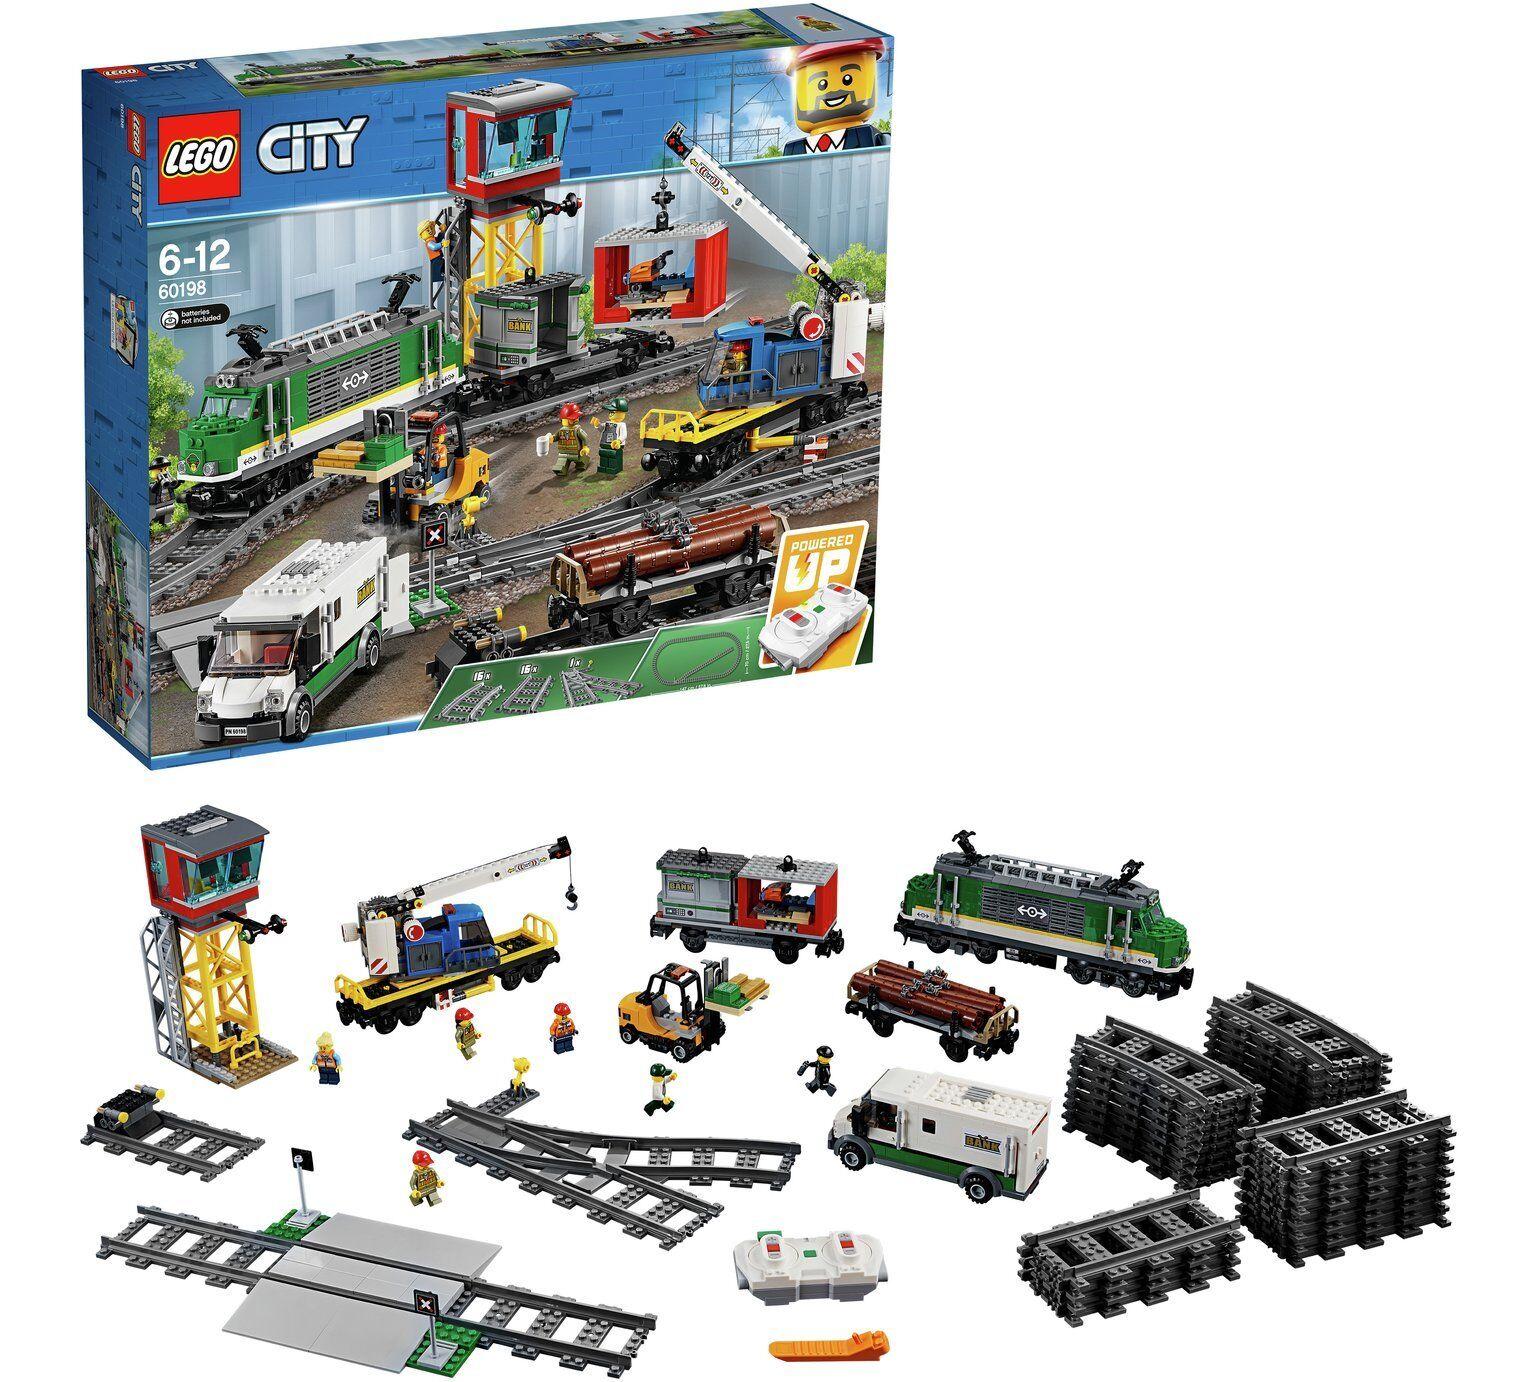 LEGO City Cargo Cargo Cargo Train - 60198 c9c290